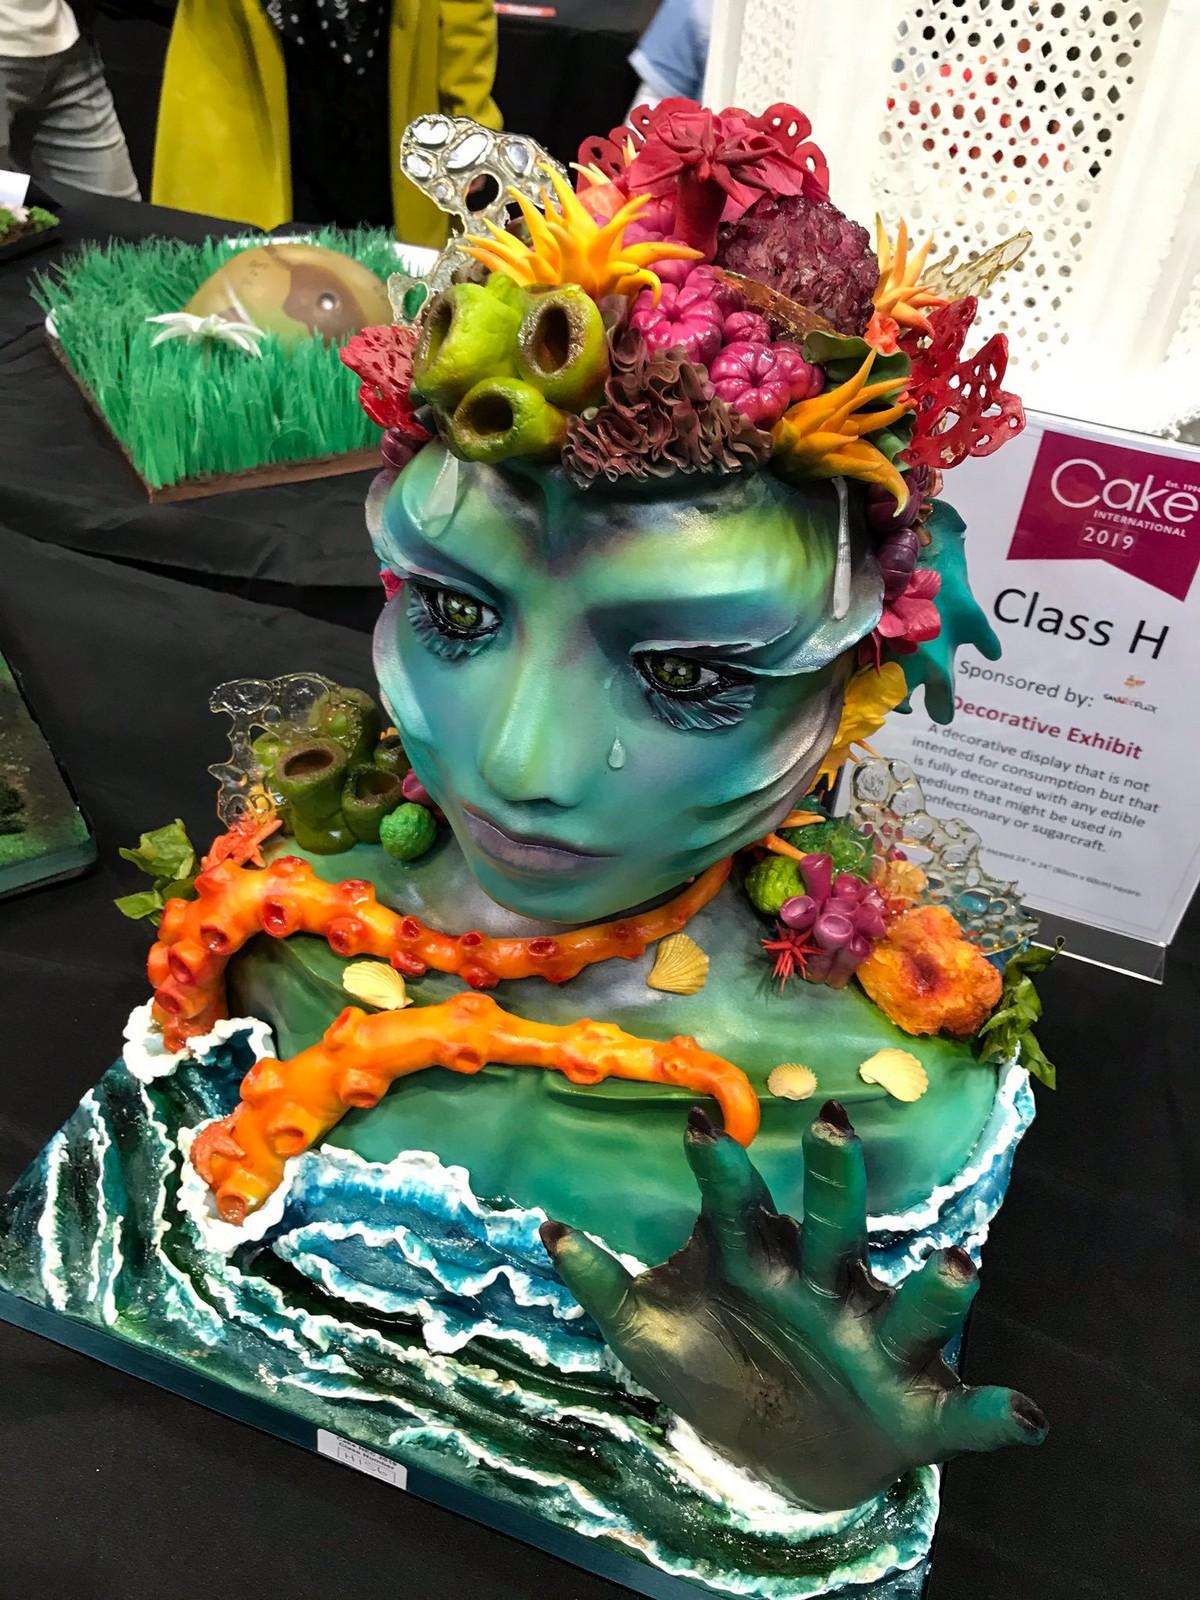 Фестиваль кондитерского искусства Cake International в Бирмингеме